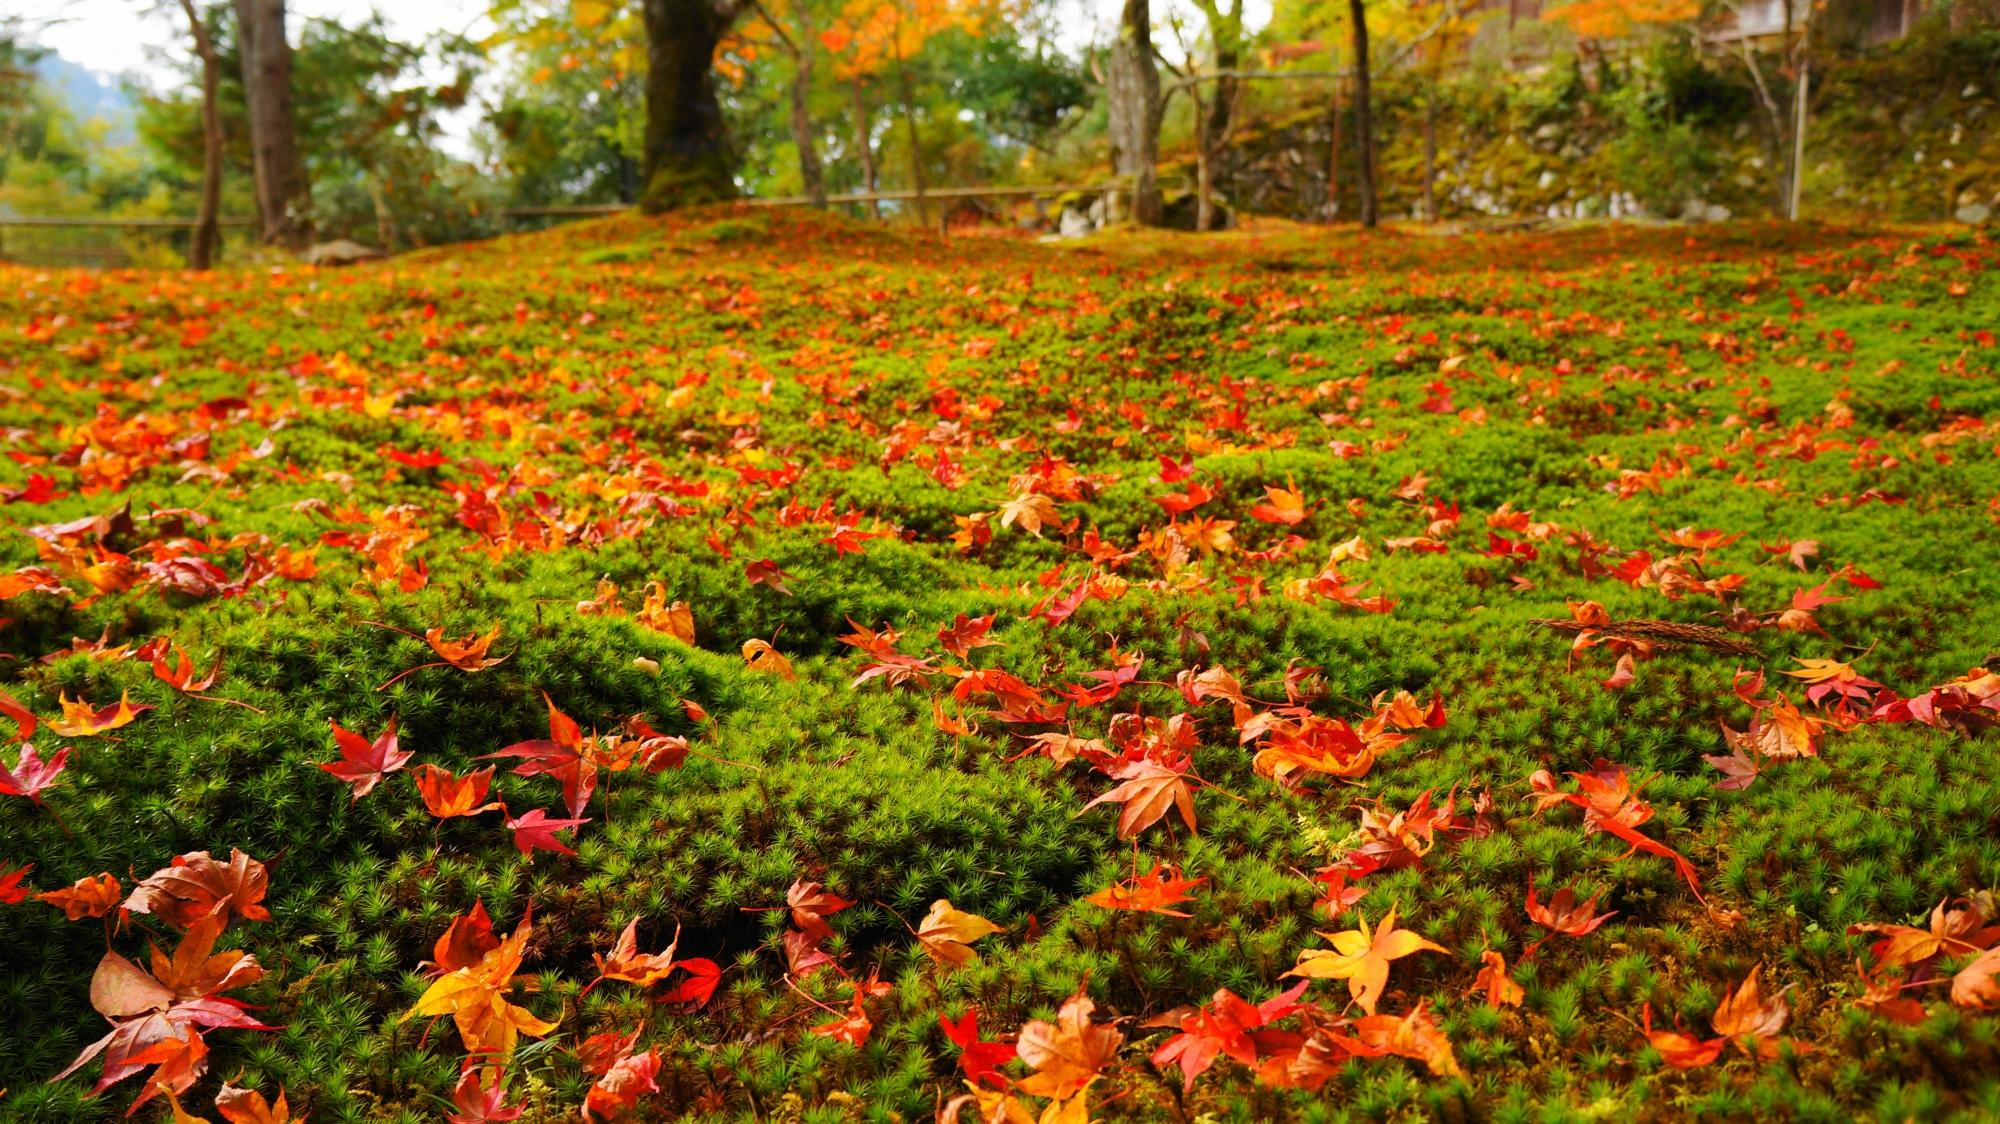 緑の苔の上の楽しそうな色とりどりの散りもみじ